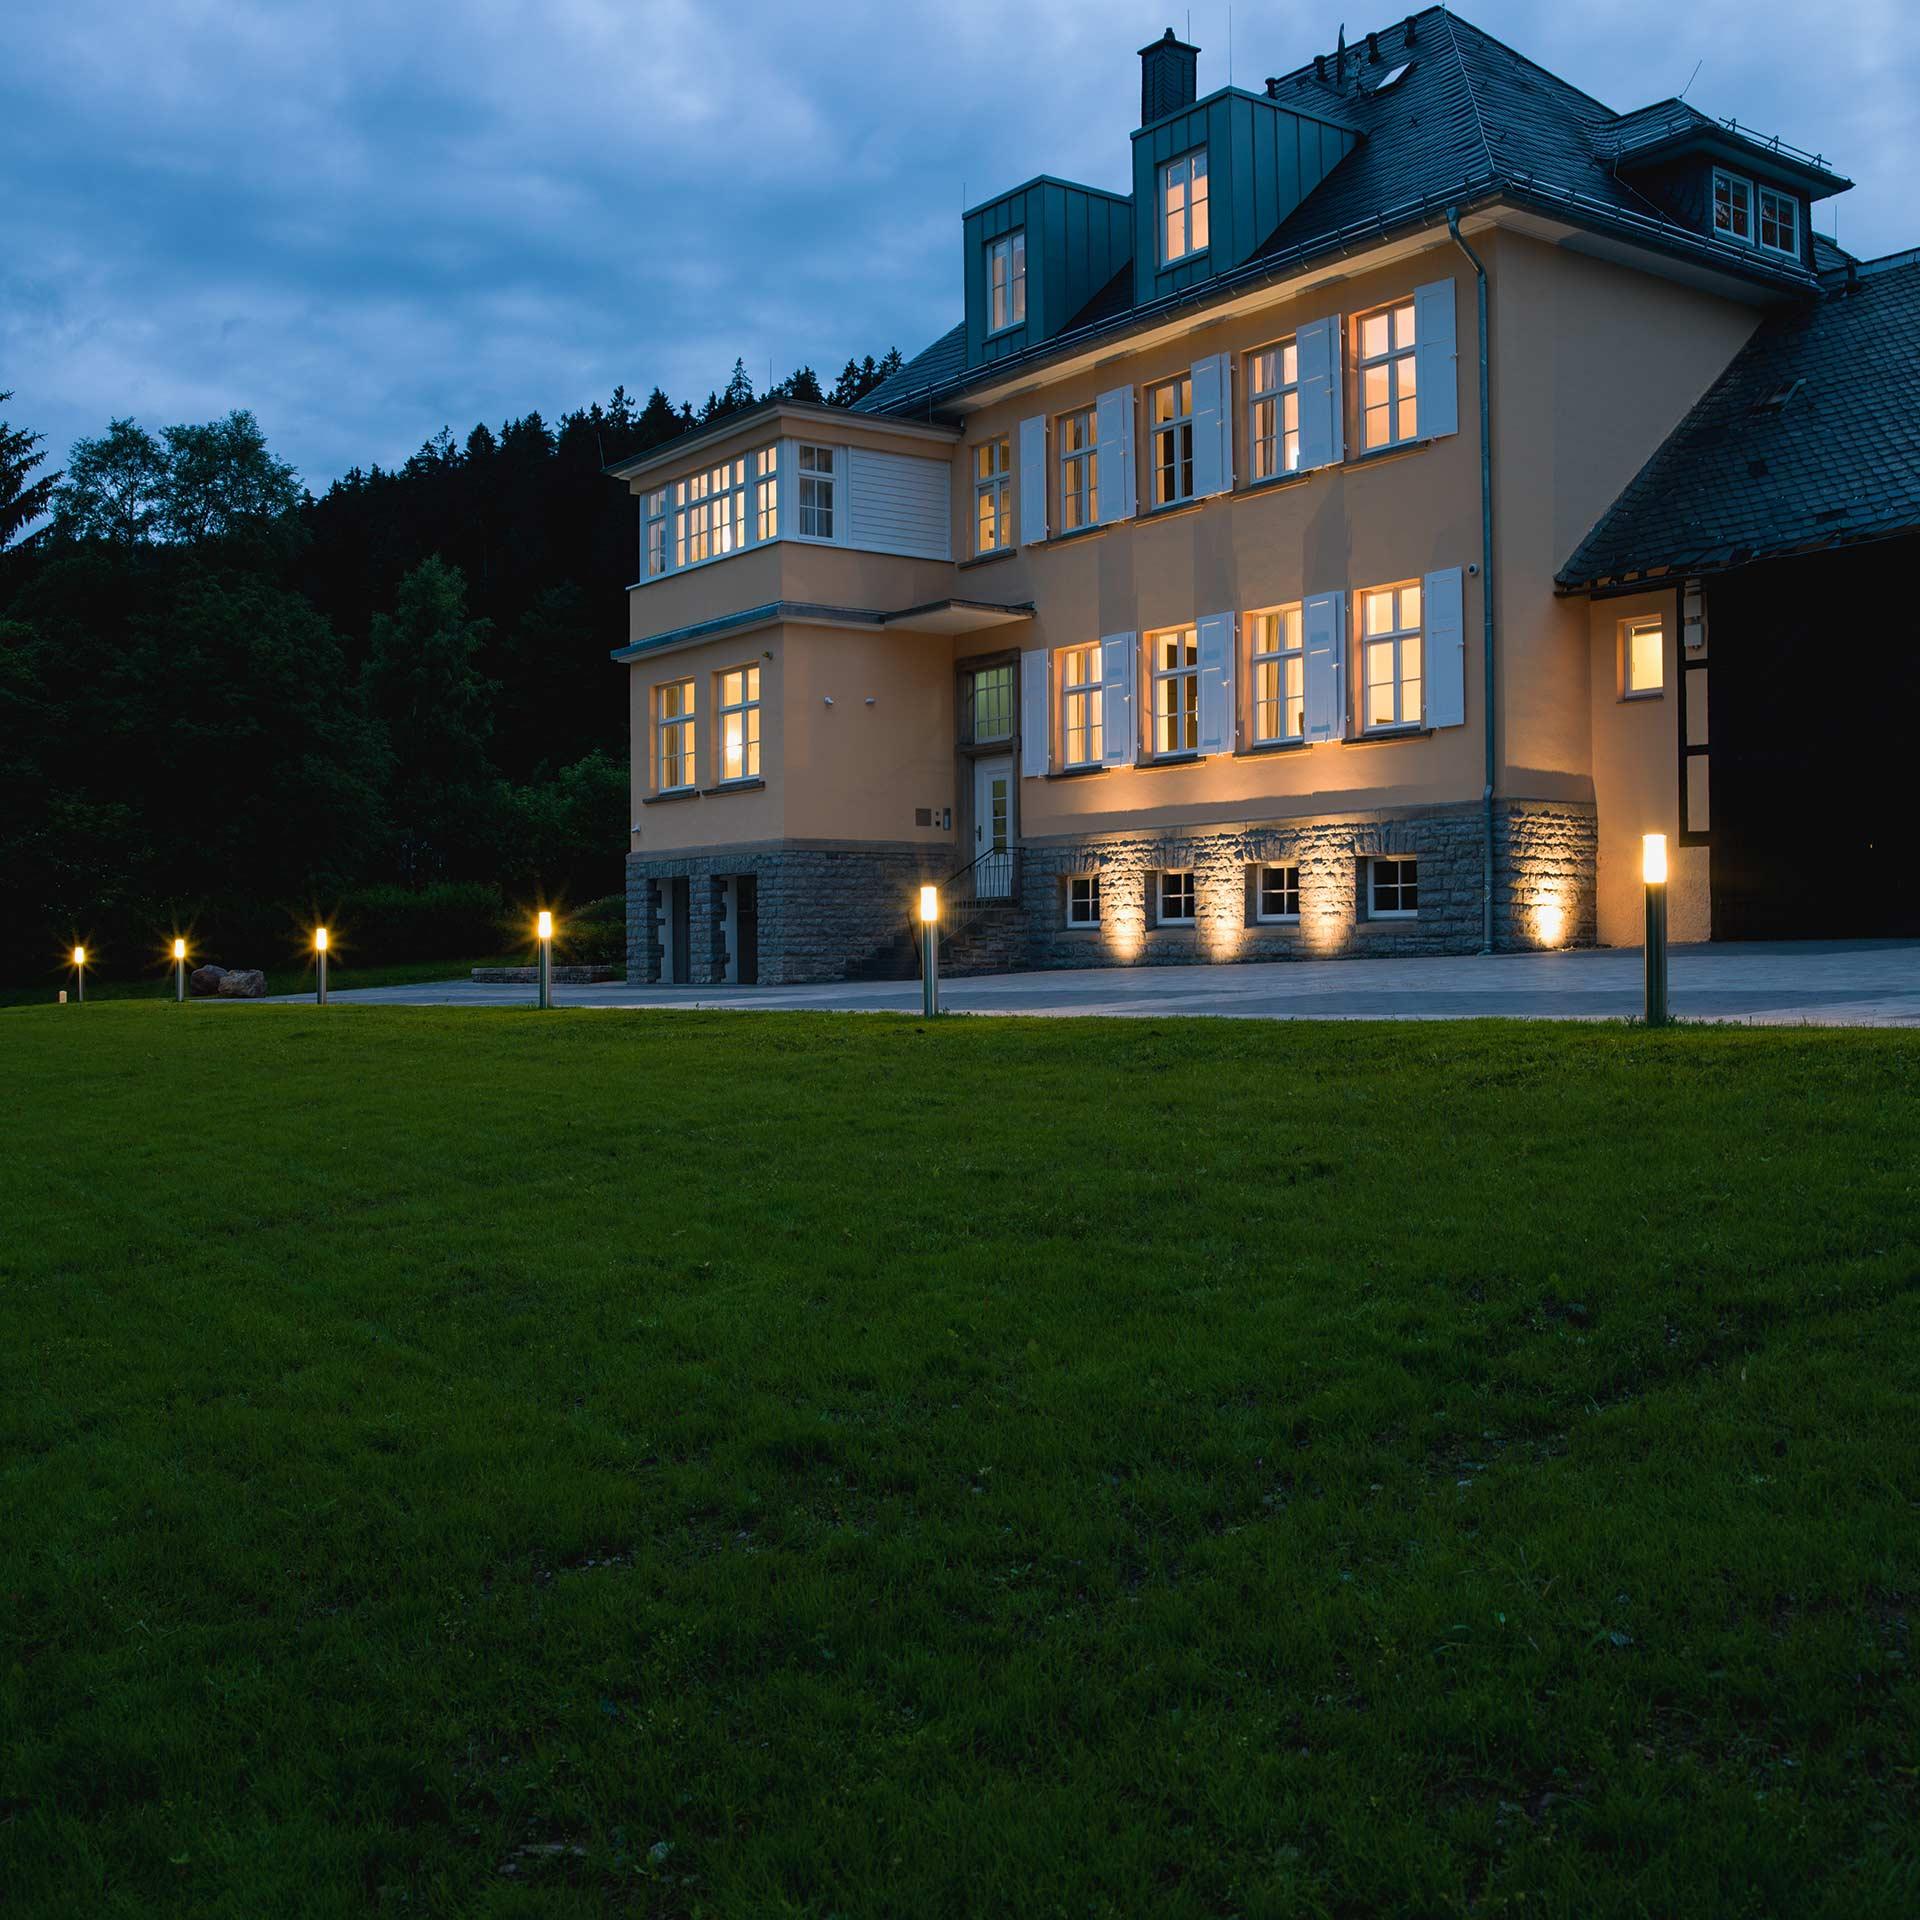 Ein großes Gutshaus wird durch mehrere Außenleuchten in der Abenddämmerung erhellt